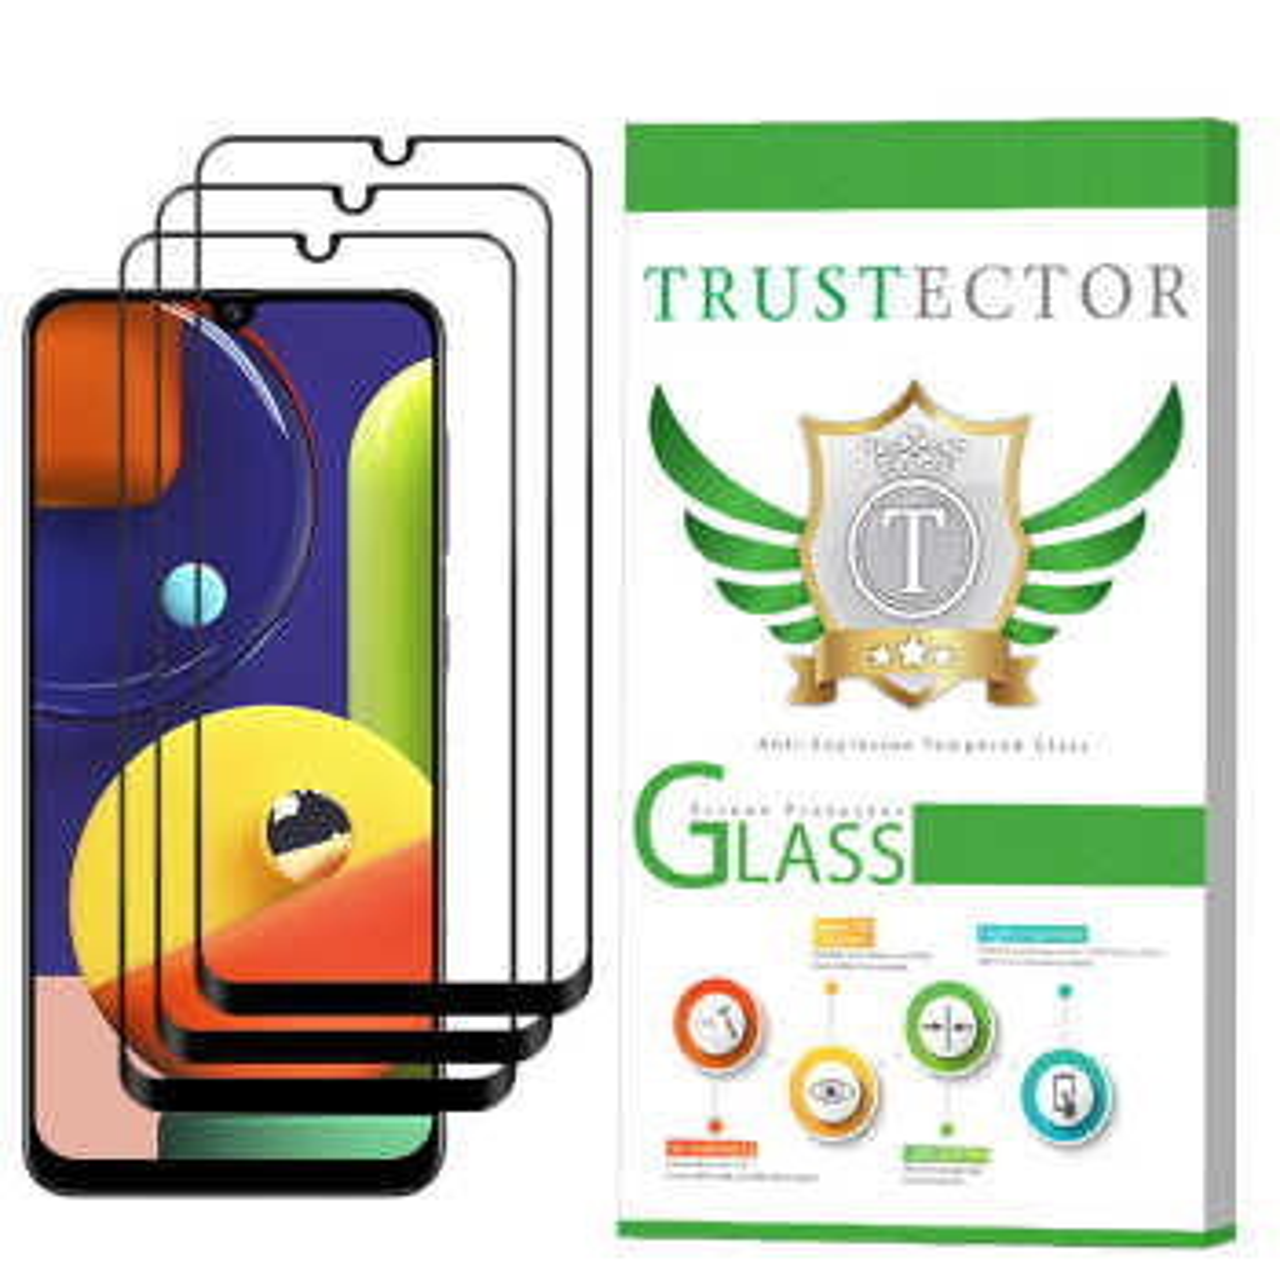 محافظ صفحه نمایش تراستکتور مدل GSS مناسب برای گوشی موبایل سامسونگ Galaxy A50s بسته 3 عددی